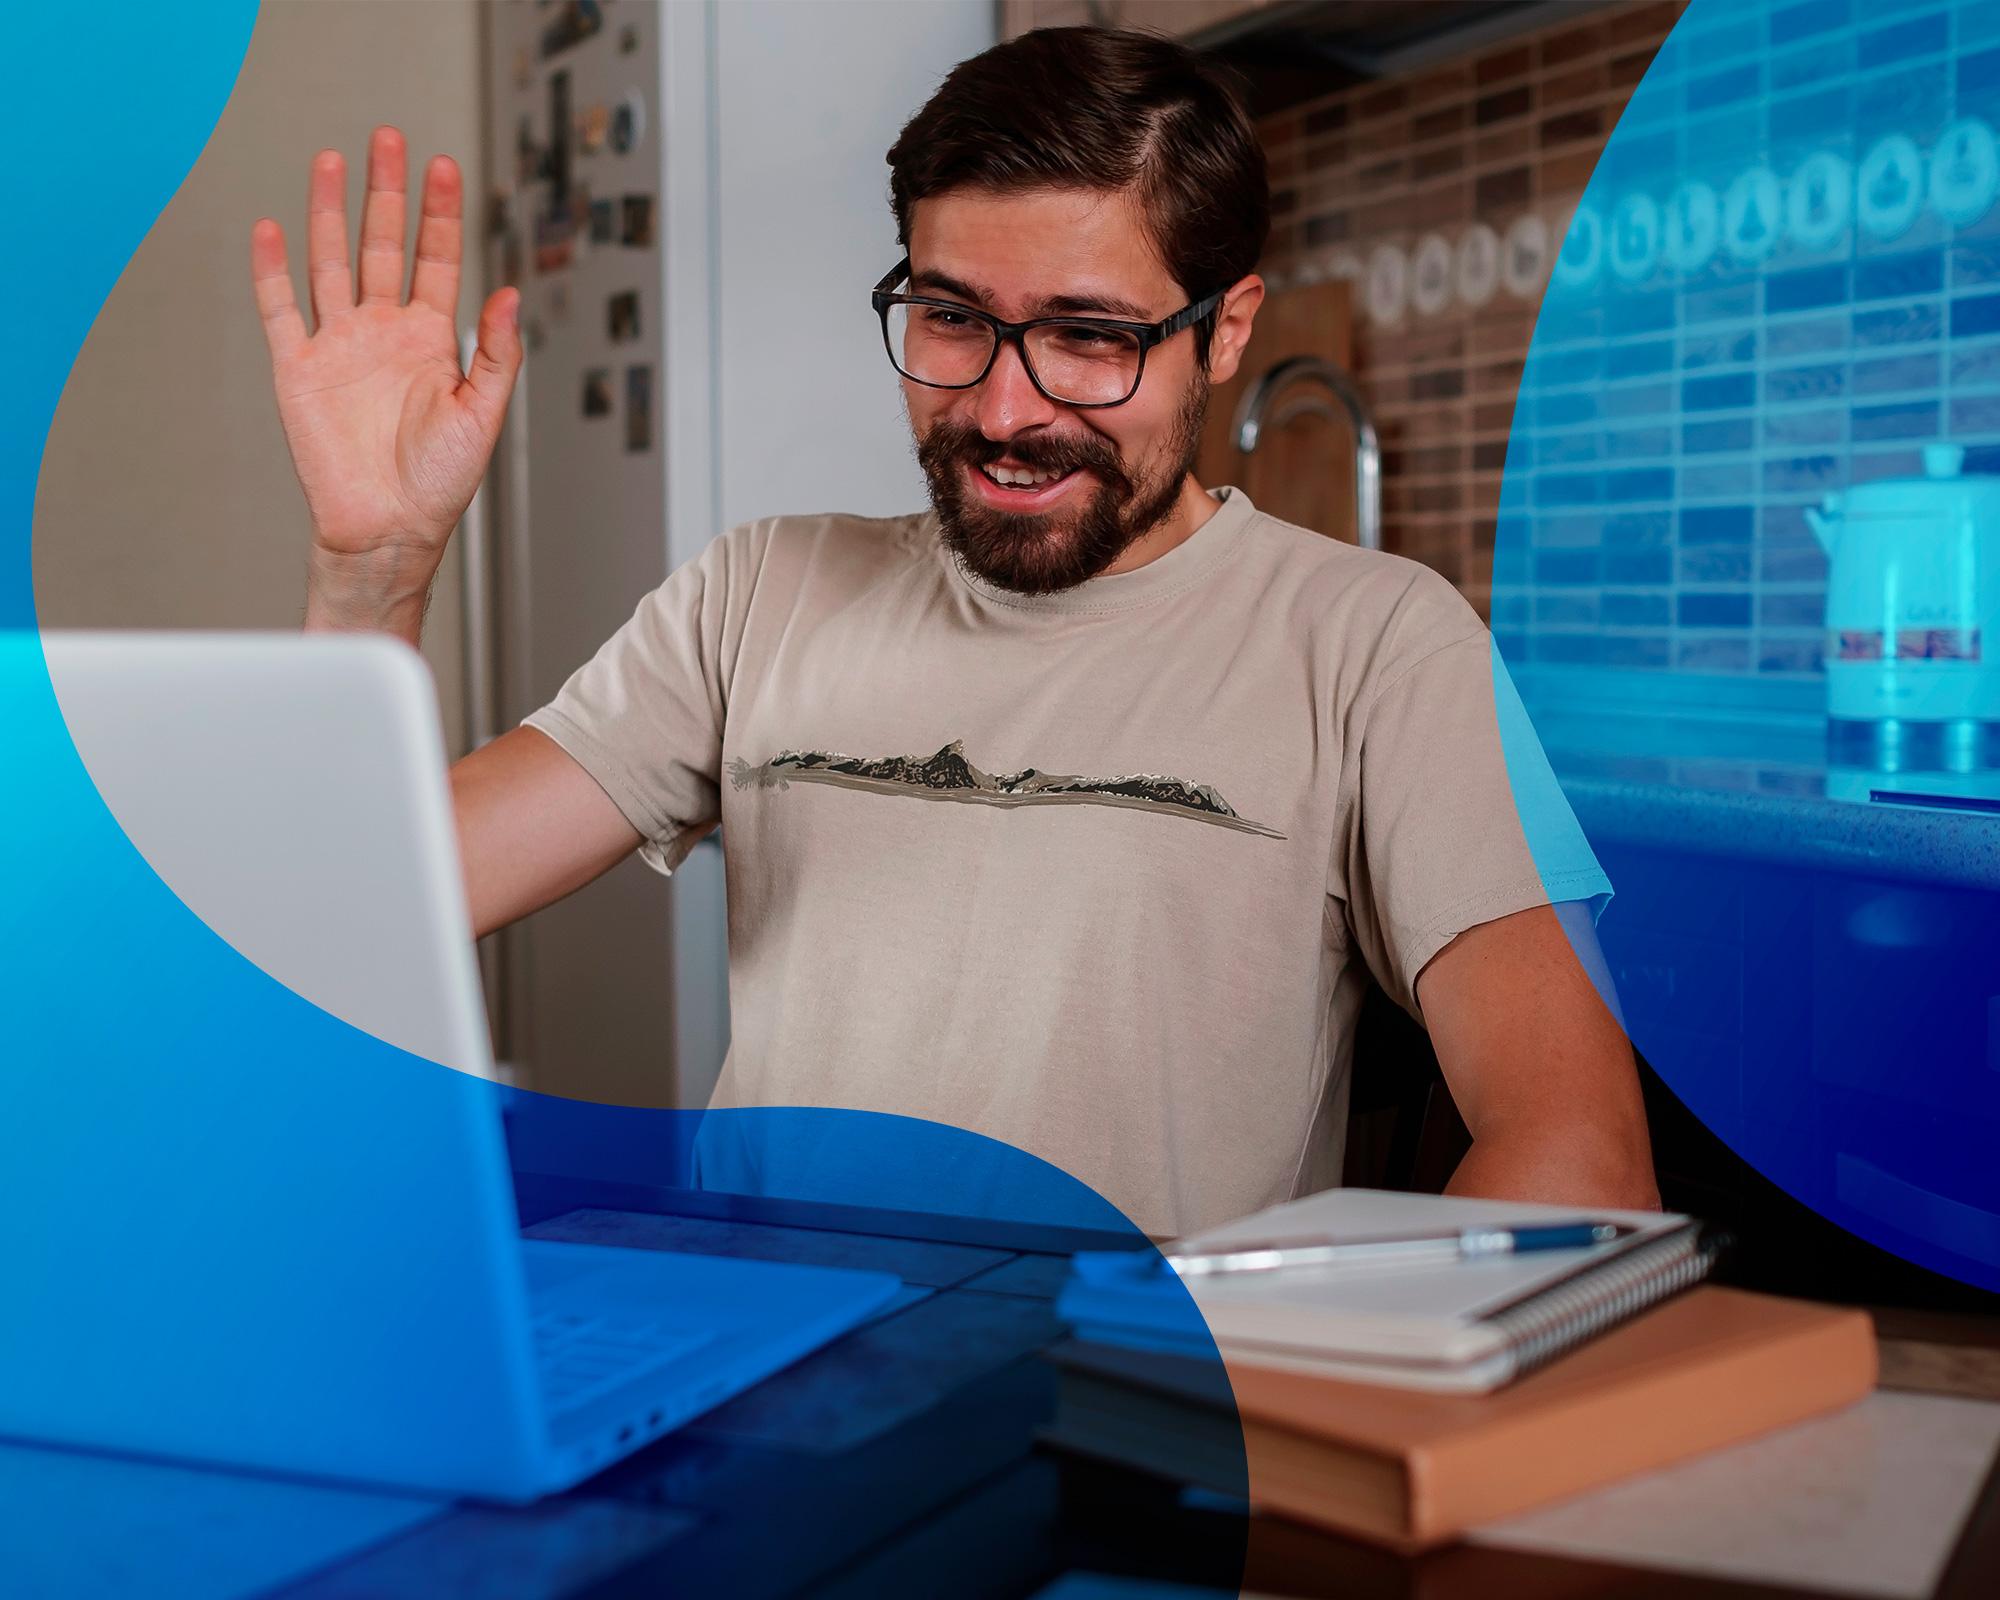 Logra una comunicación asertiva trabajando desde casa